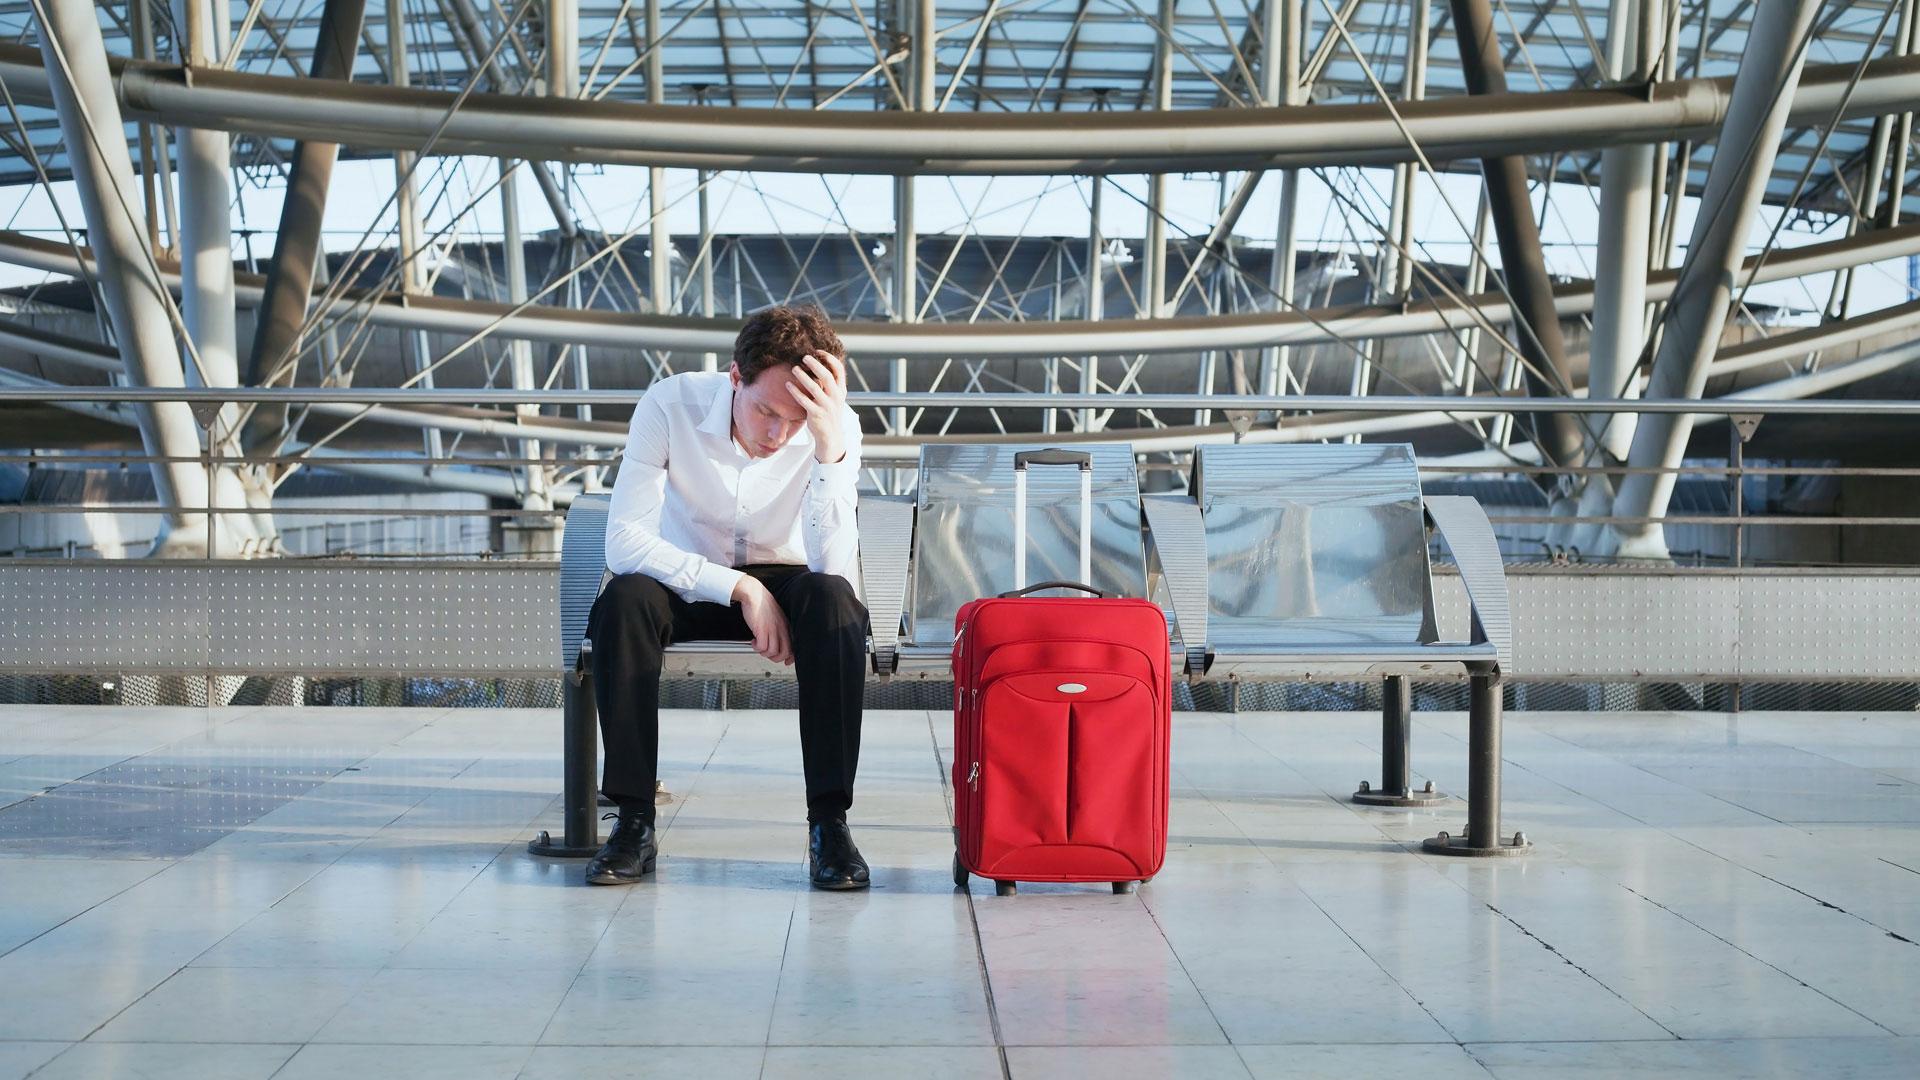 Las aerolíneas ofrecen beneficios (iStock)